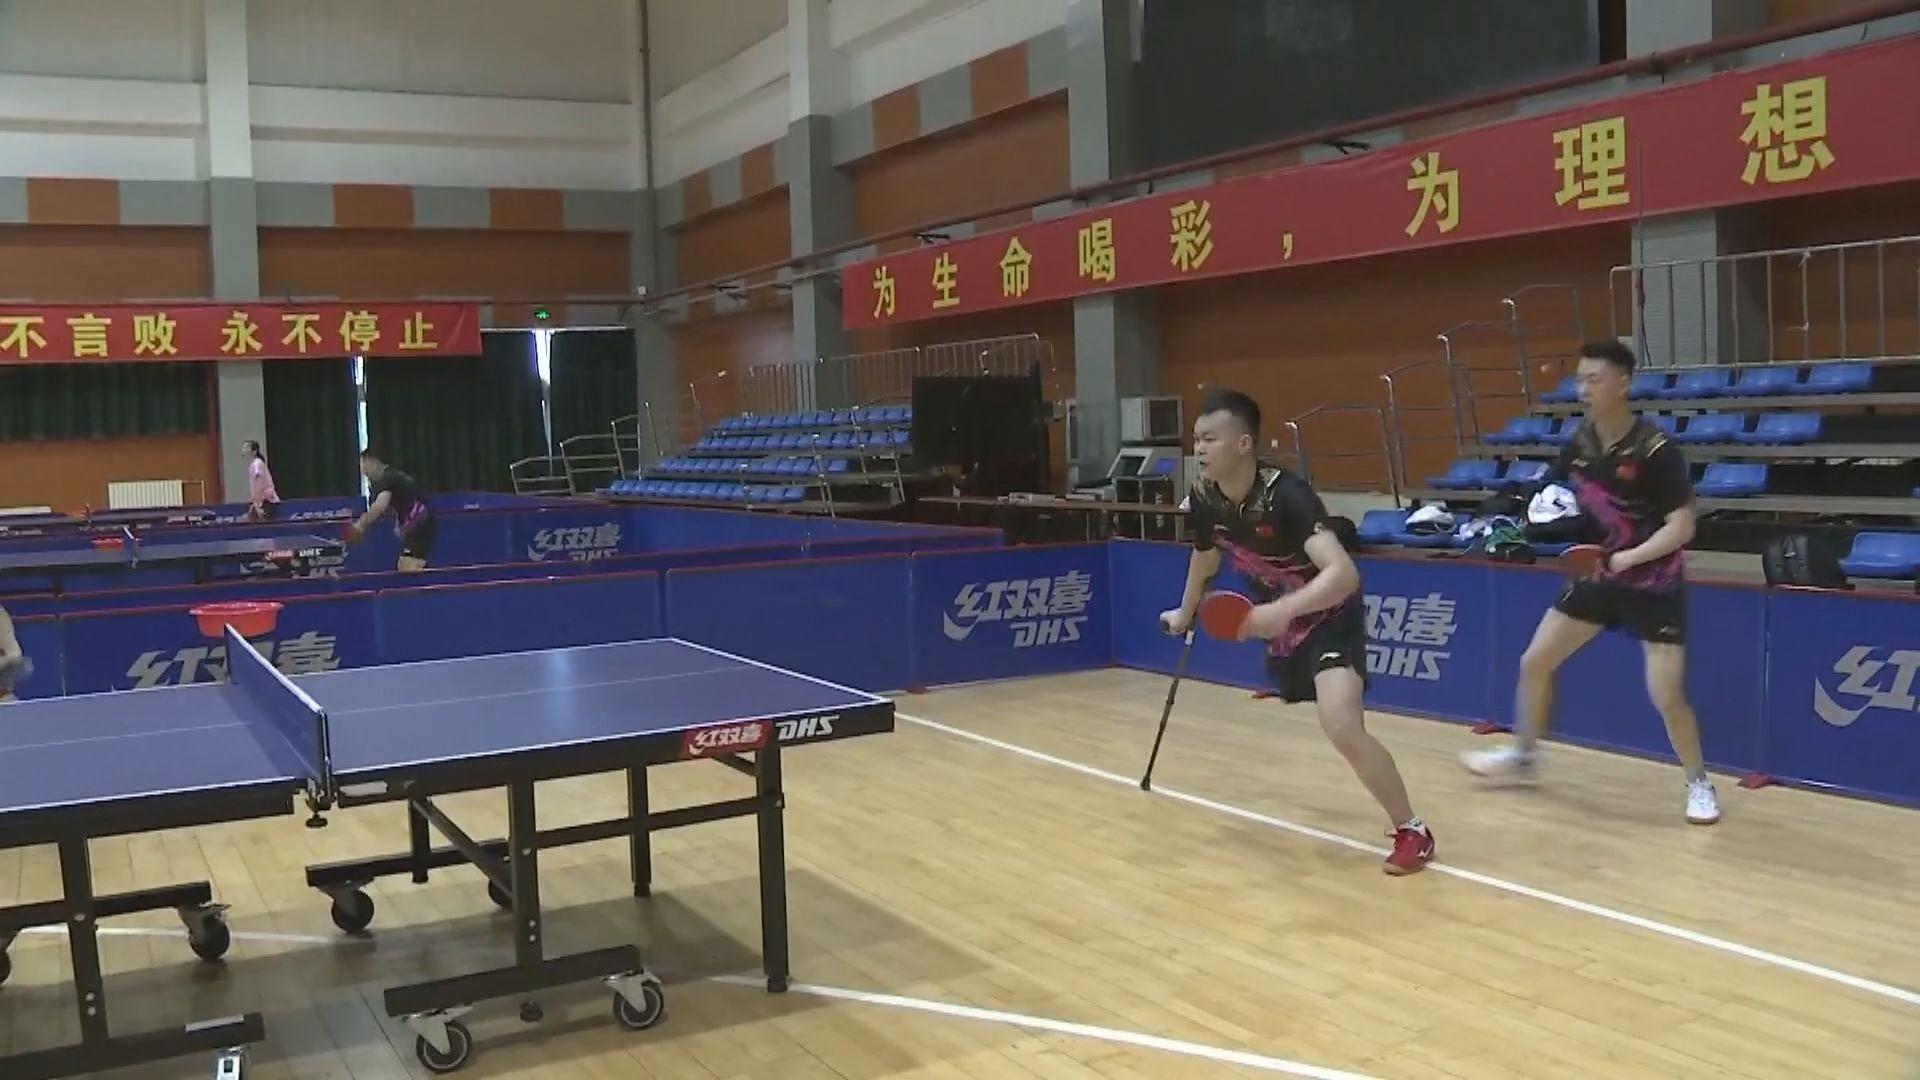 國務院祝賀中國體育代表團在殘奧會取得佳績